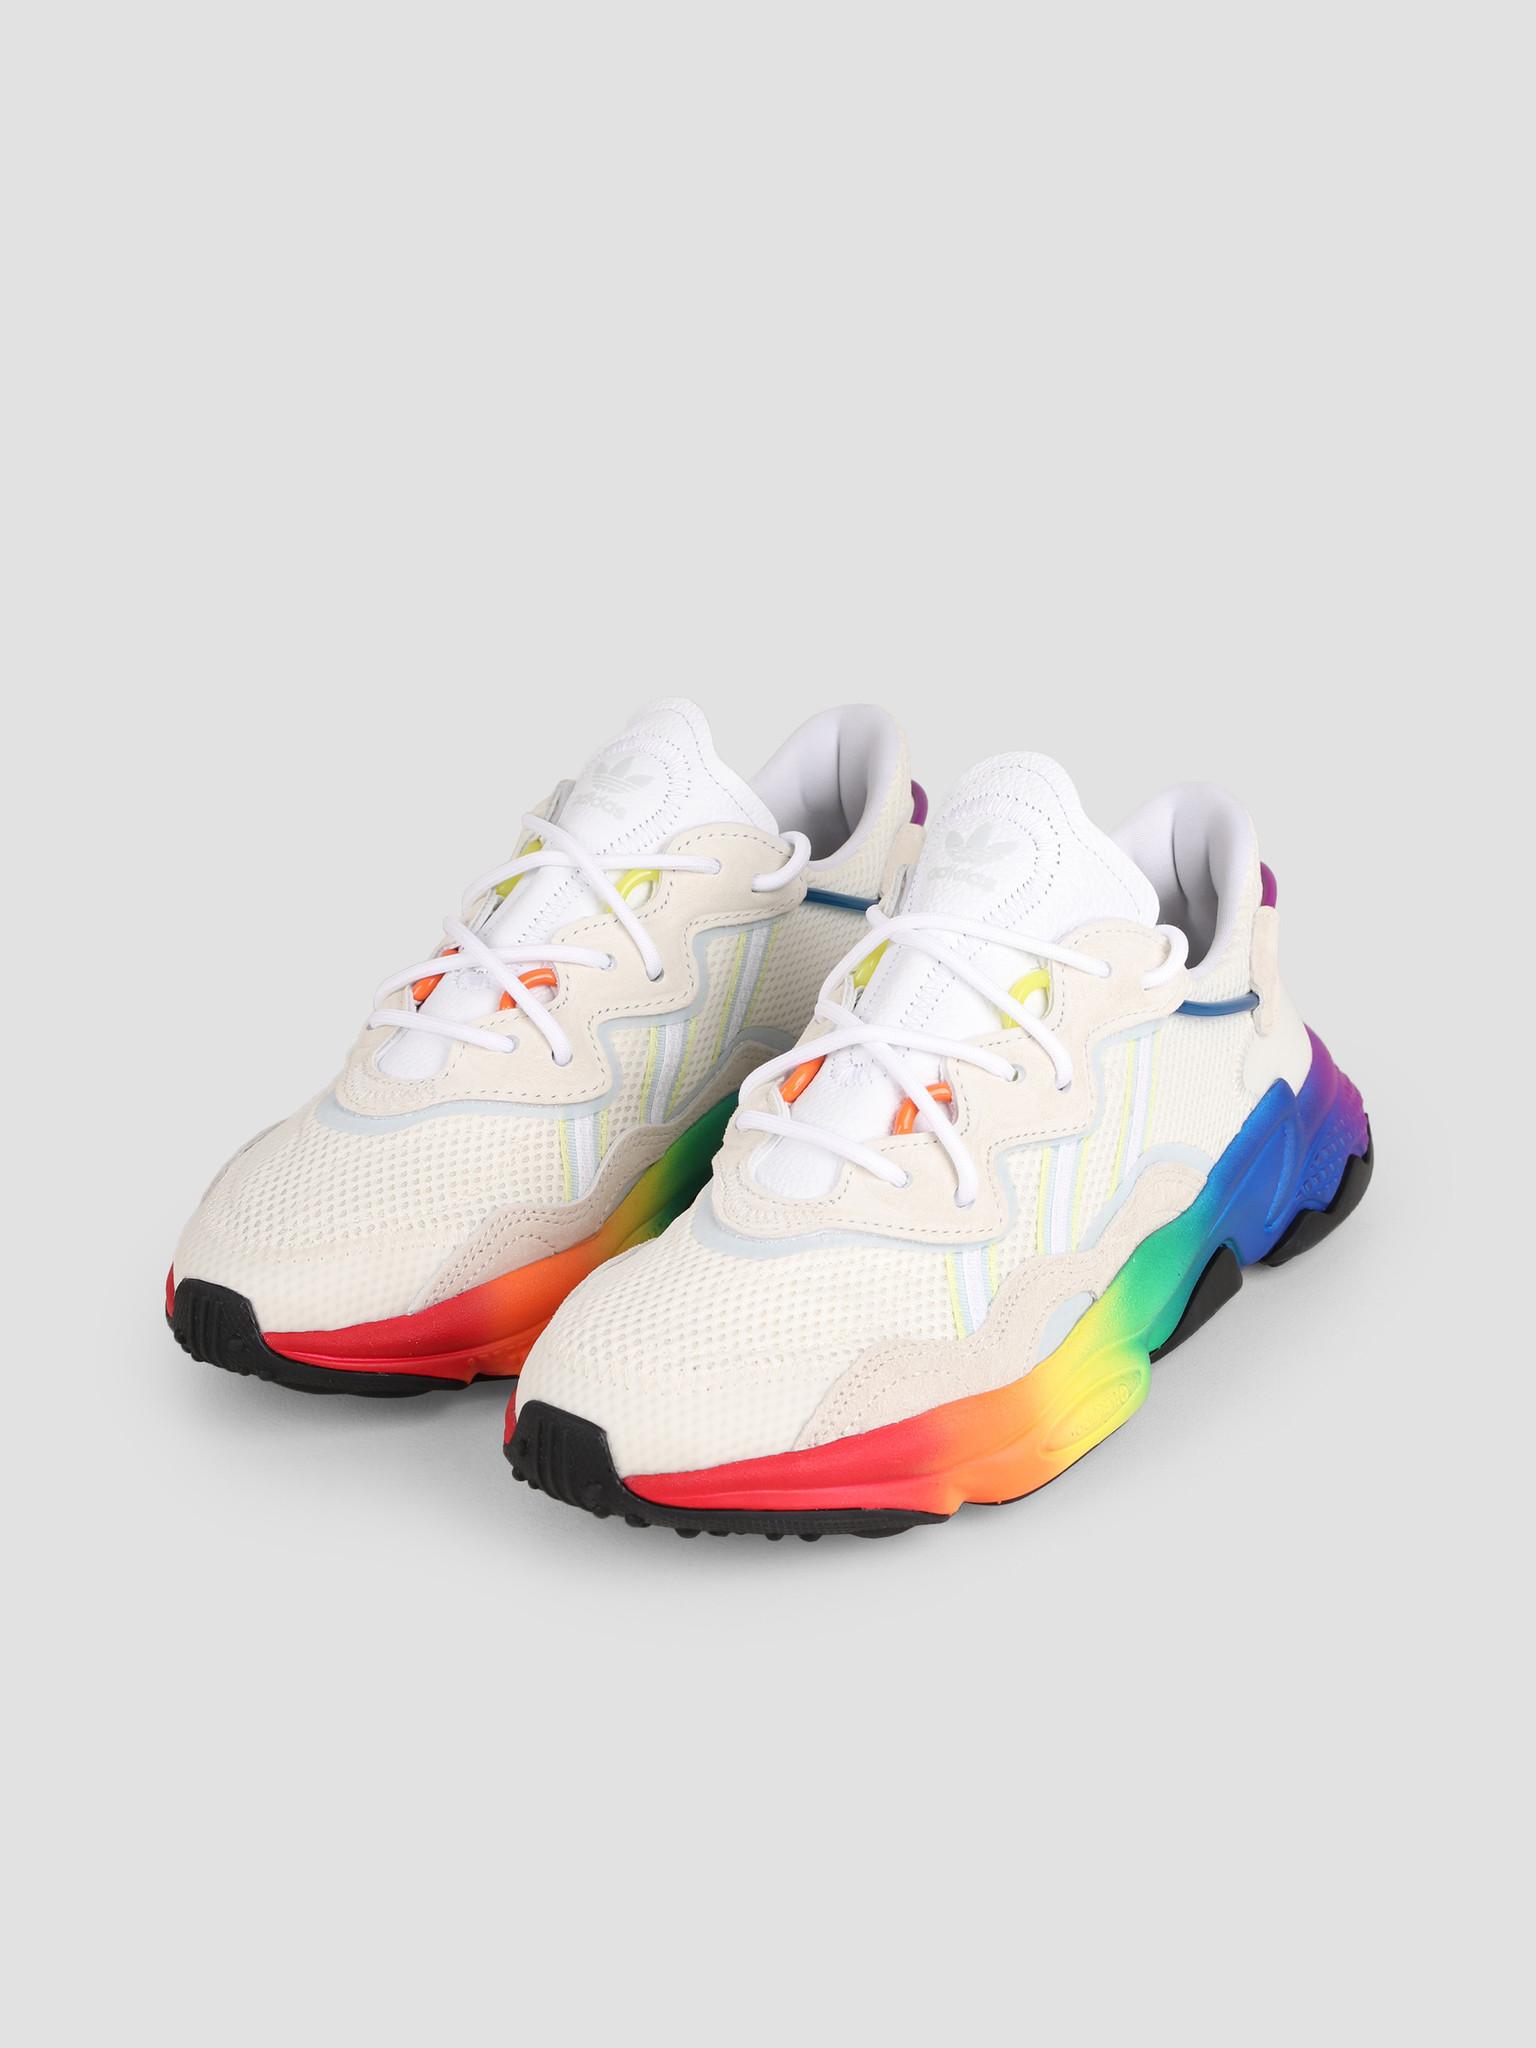 adidas adidas Ozweego Pride Off White Blutin Black Off White EG1076